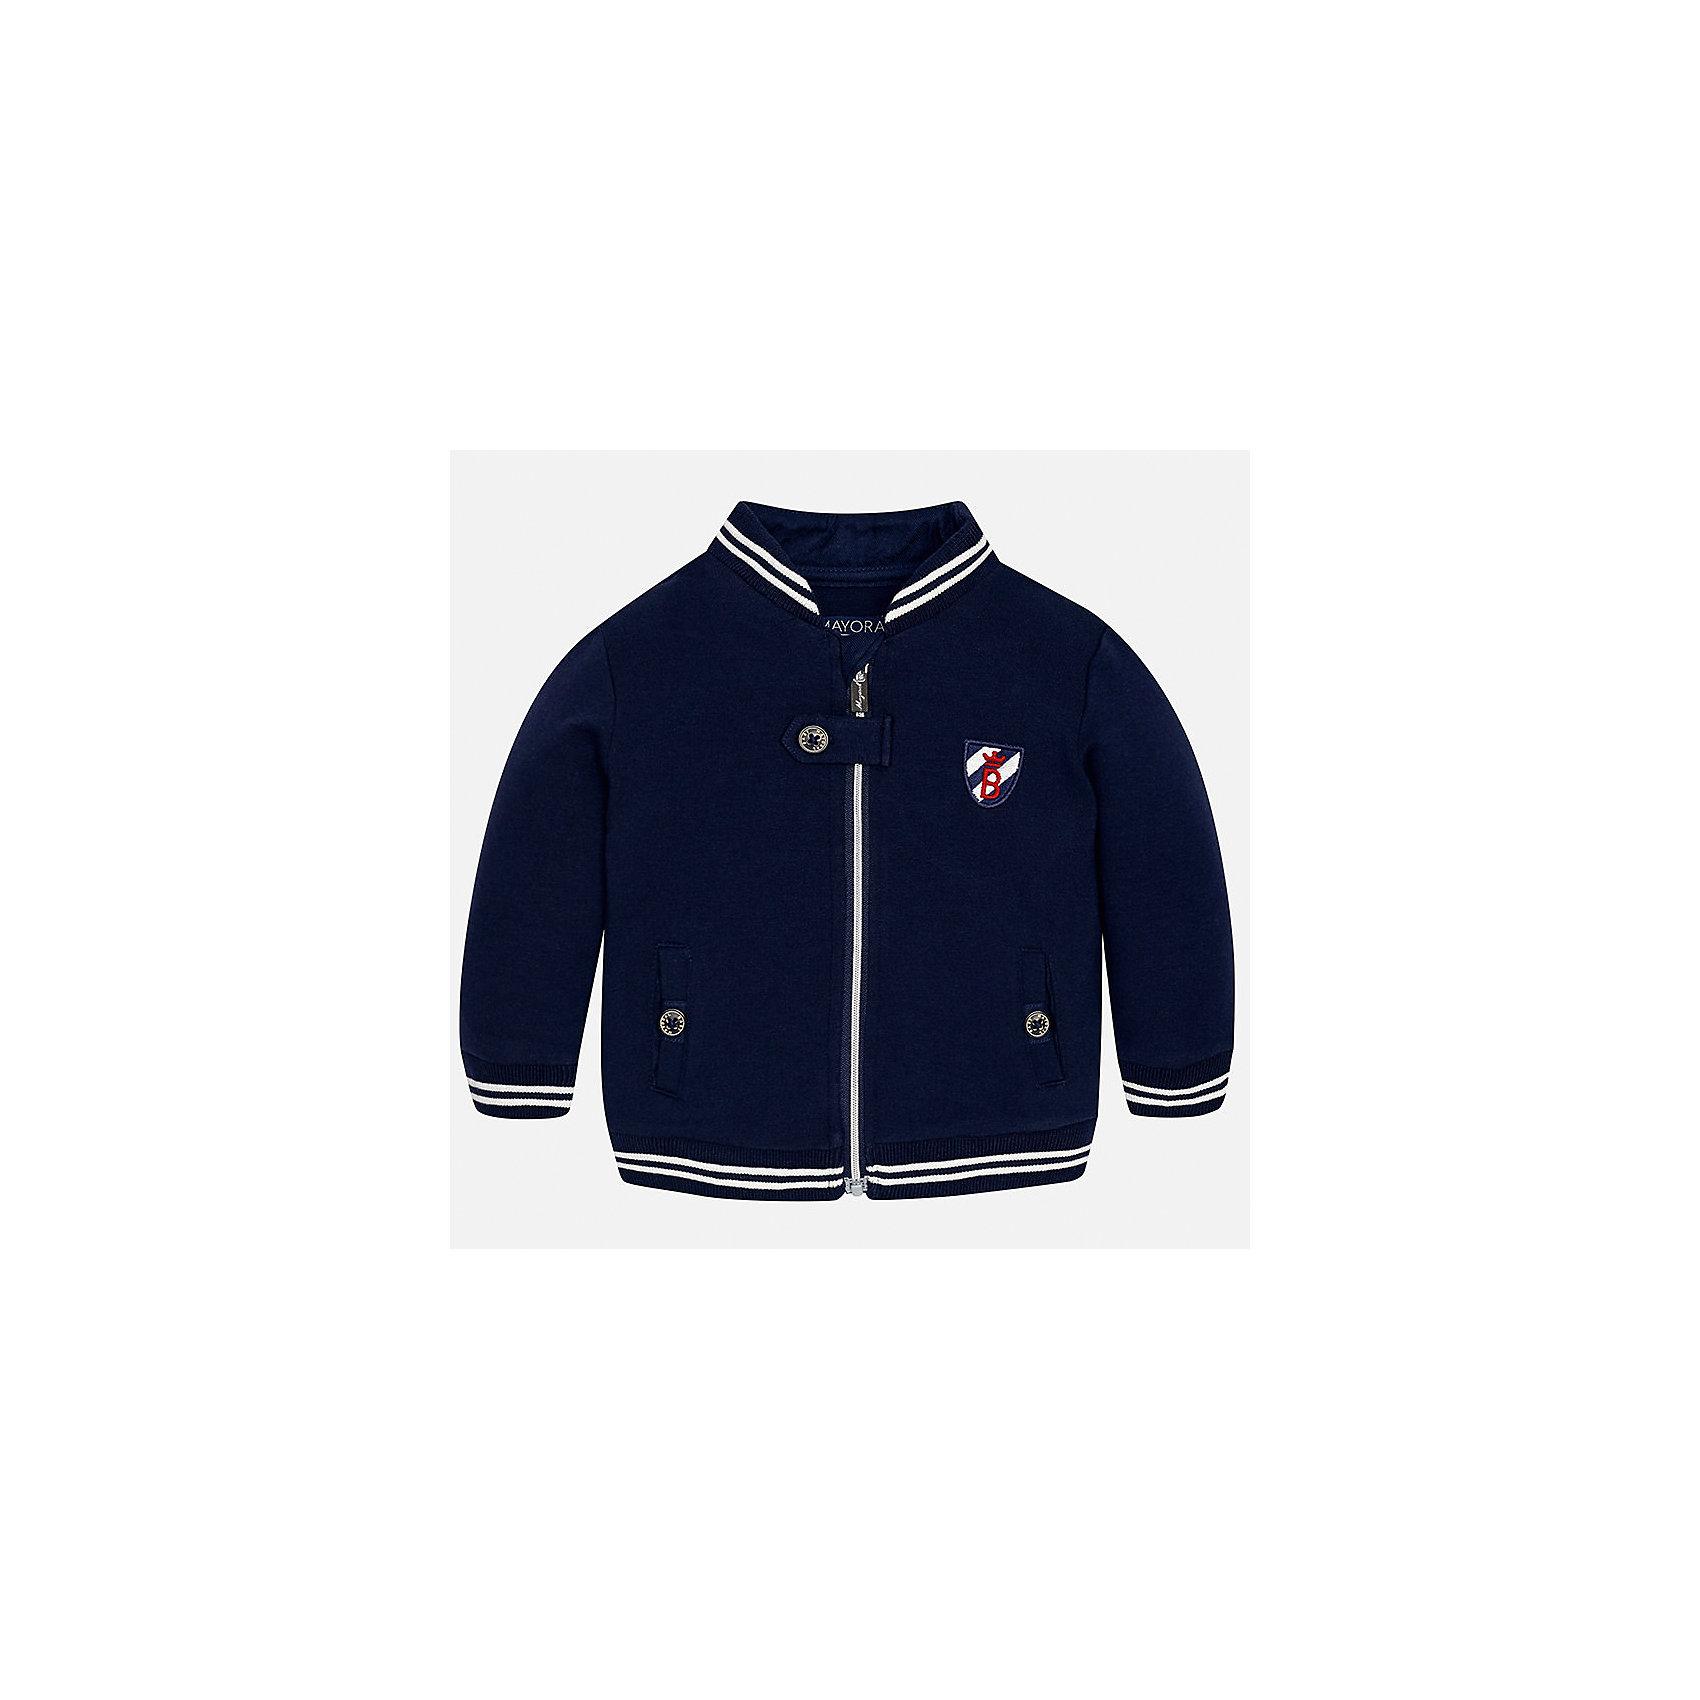 Куртка для мальчика MayoralВерхняя одежда<br>Характеристики товара:<br><br>• цвет: синий<br>• состав ткани: 63% хлопок, 32% полиэстер, 5% эластан<br>• сезон: демисезон<br>• температурный режим: от +10 до +20<br>• особенности куртки: с вышивкой, на молнии<br>• карманы<br>• застежка: молния<br>• страна бренда: Испания<br>• страна изготовитель: Индия<br><br>Эта демисезонная куртка для мальчика от Майорал поможет обеспечить ребенку комфорт и тепло. Детская куртка отличается модным и продуманным дизайном. В куртке для мальчика от испанской компании Майорал ребенок будет выглядеть модно, а чувствовать себя - комфортно. <br><br>Куртку для мальчика Mayoral (Майорал) можно купить в нашем интернет-магазине.<br><br>Ширина мм: 356<br>Глубина мм: 10<br>Высота мм: 245<br>Вес г: 519<br>Цвет: синий<br>Возраст от месяцев: 24<br>Возраст до месяцев: 36<br>Пол: Мужской<br>Возраст: Детский<br>Размер: 98,74,80,86,92<br>SKU: 6935266